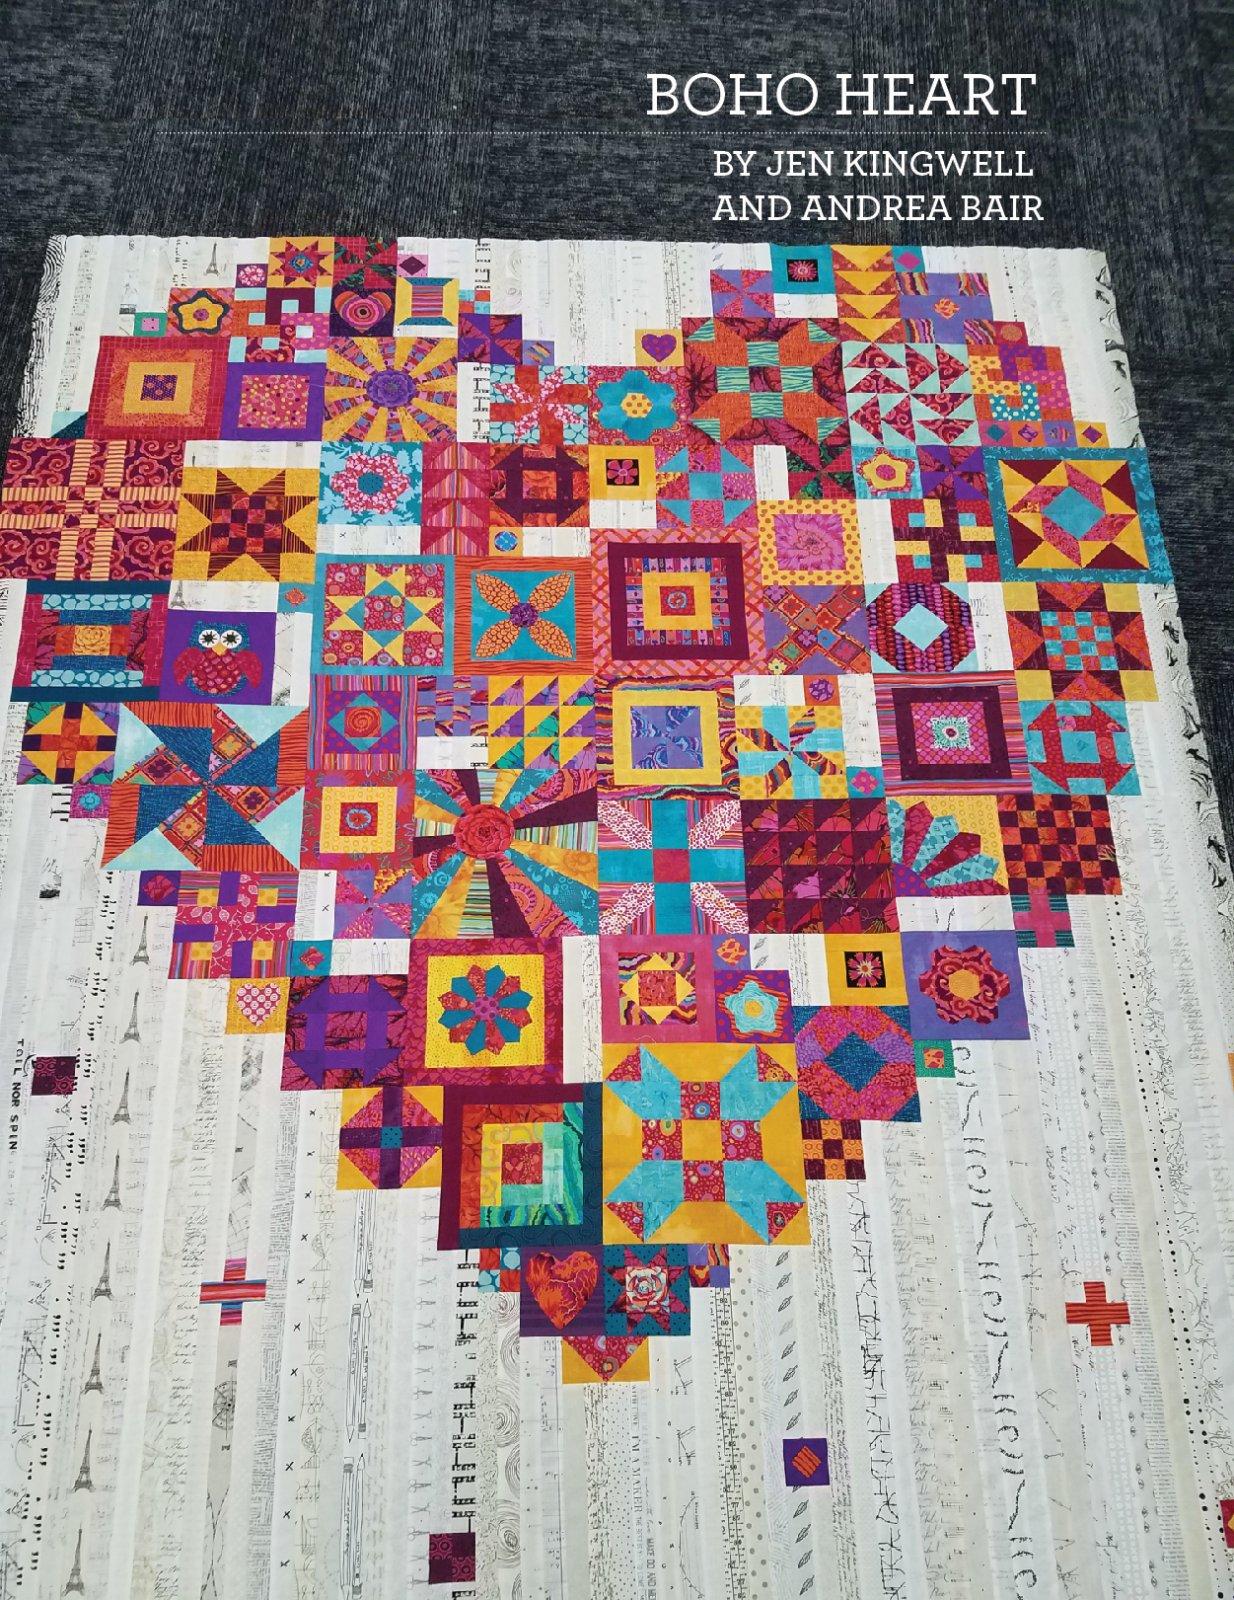 Boho Heart Booklet by Jen Kingwell & Andrea Bair